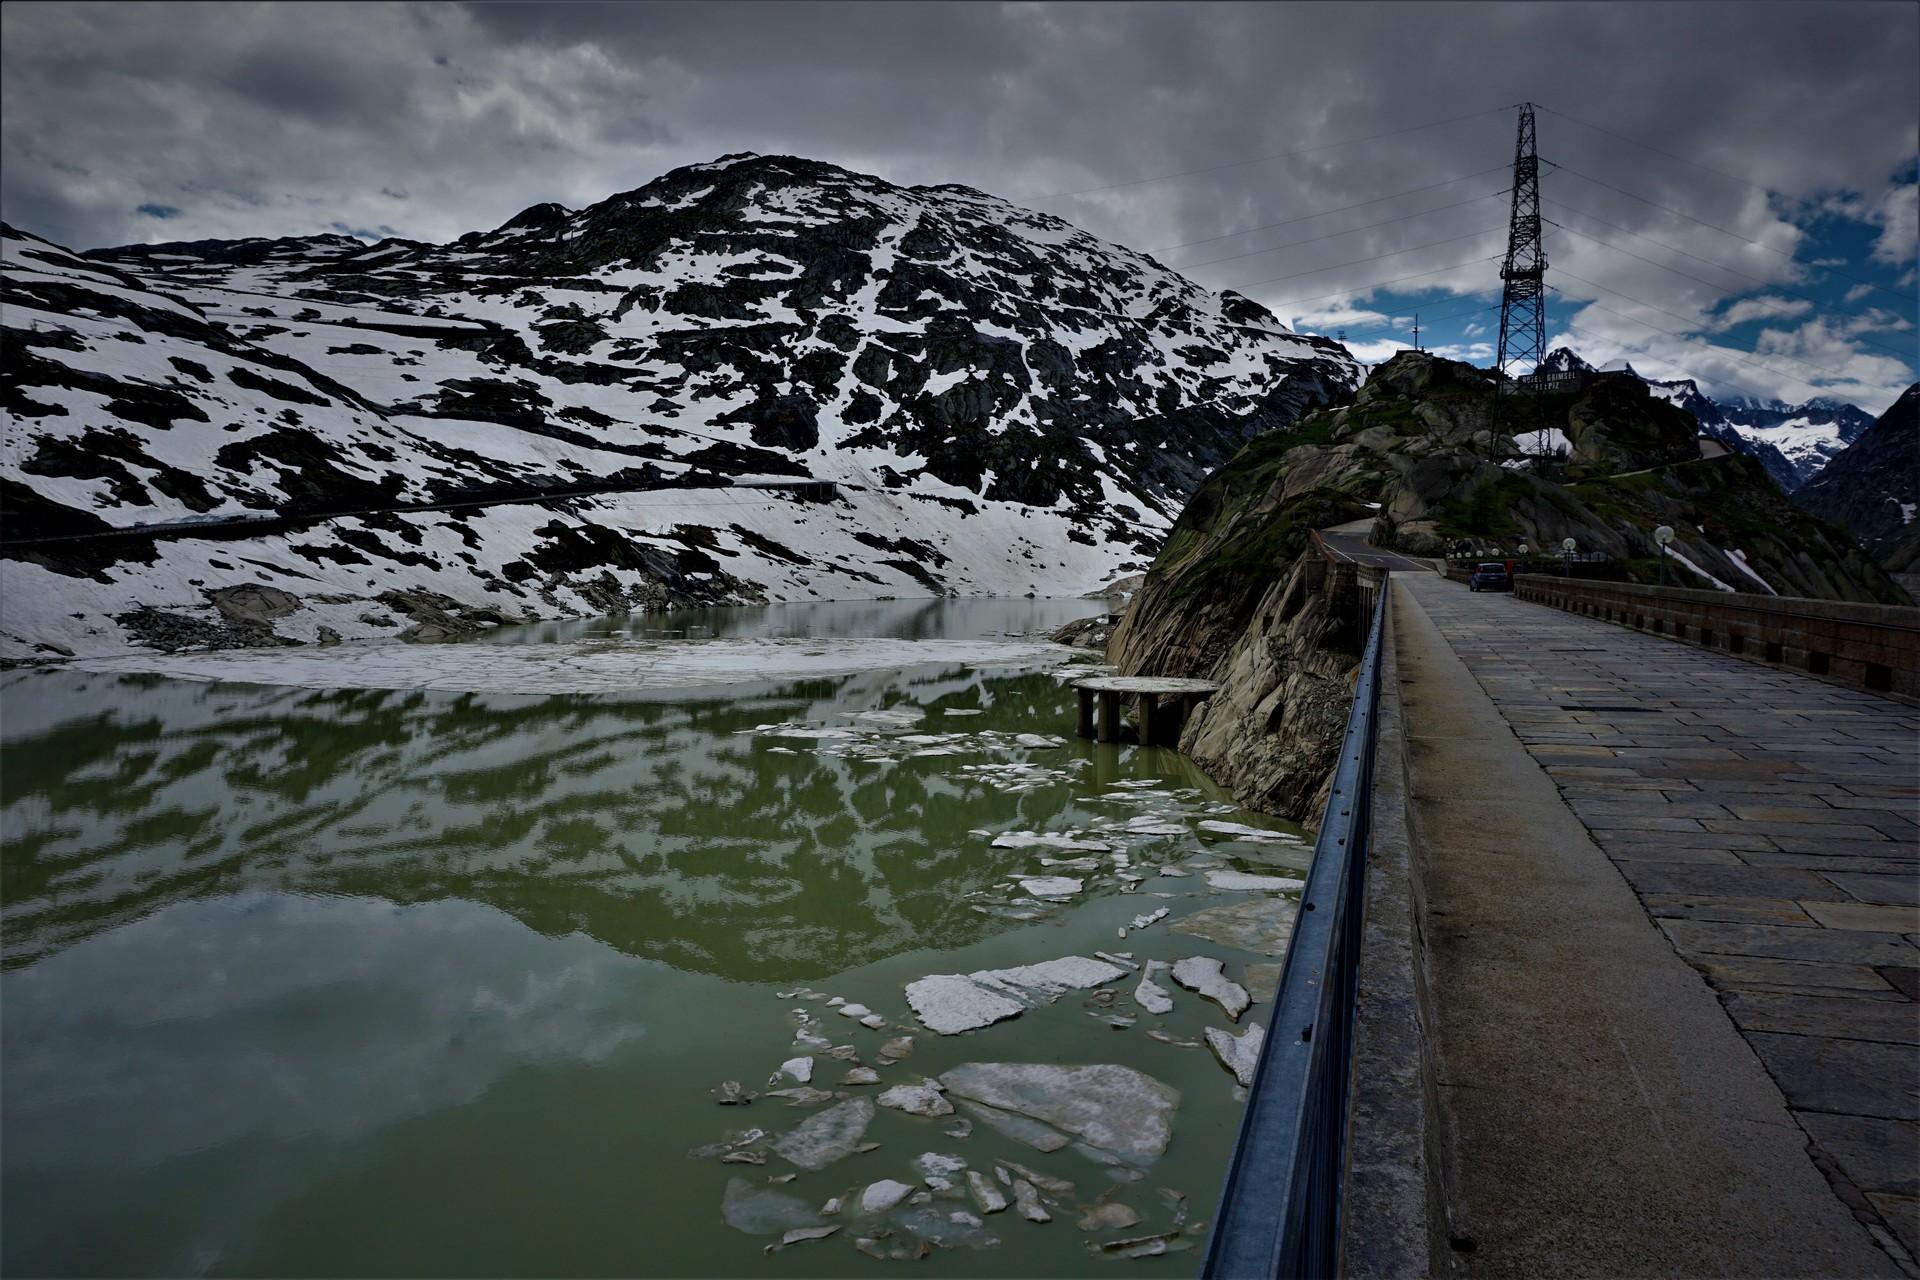 promenade-glace-5300b9ce2c5c797366e2ccb5